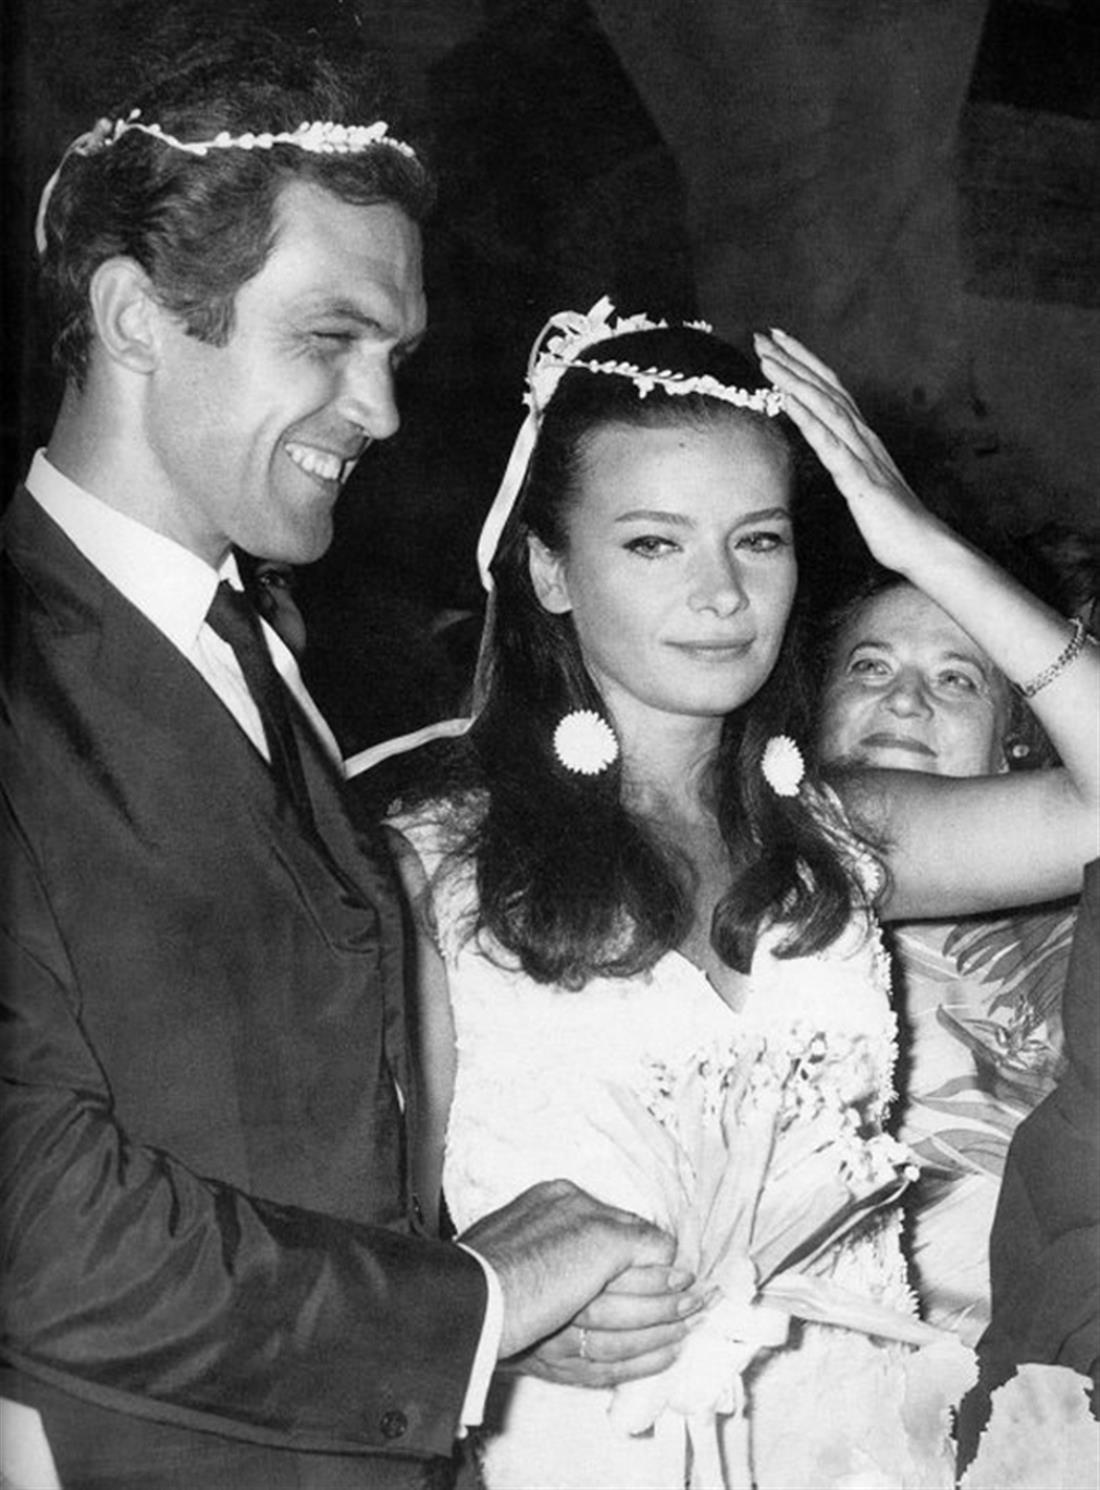 Τζένη Καρέζη - Κώστας Καζάκος: Ο κεραυνοβόλος έρωτας, η παρτίδα στο τάβλι που κράτησε 26 χρόνια και ο γάμος με τον Ζάχο Χατζηφωτίου